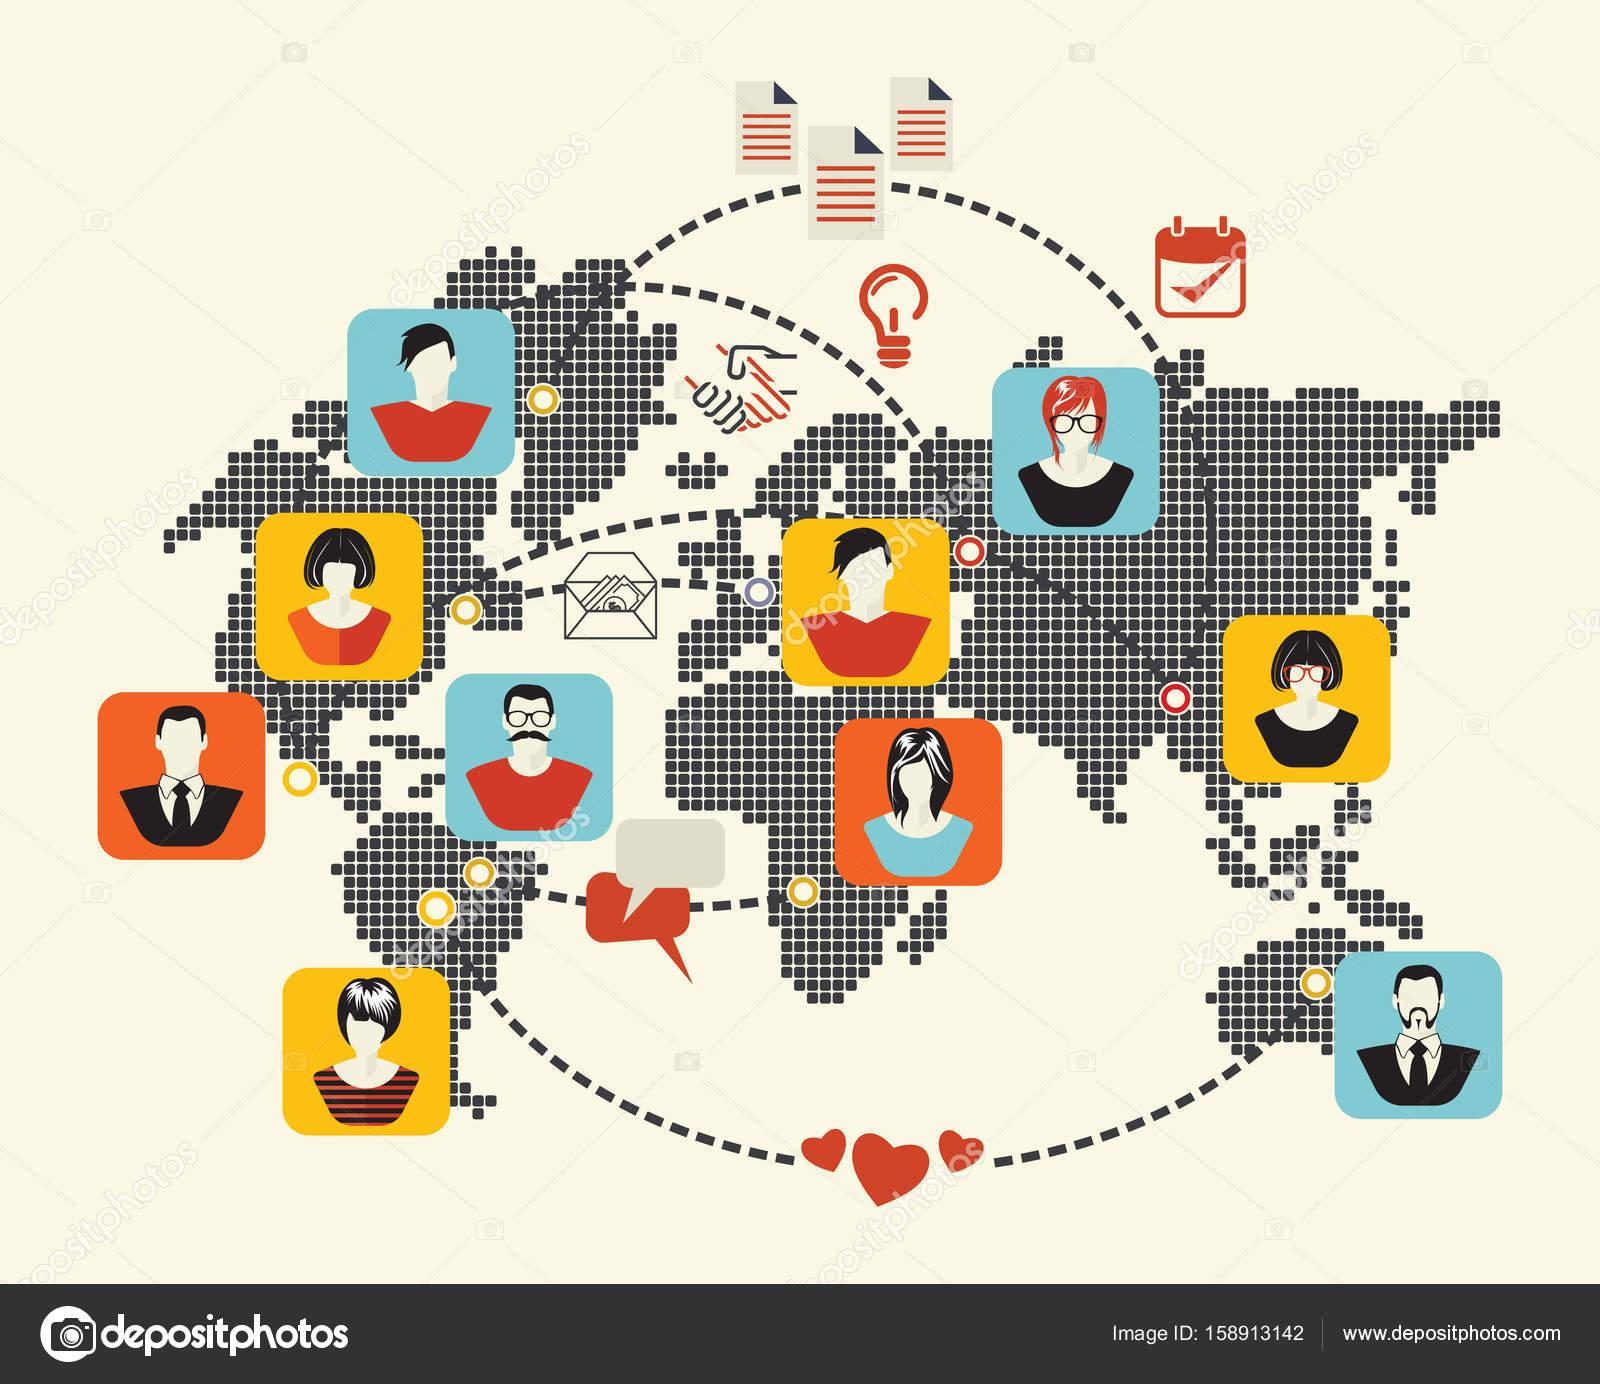 hejka pl portal społecznościowy